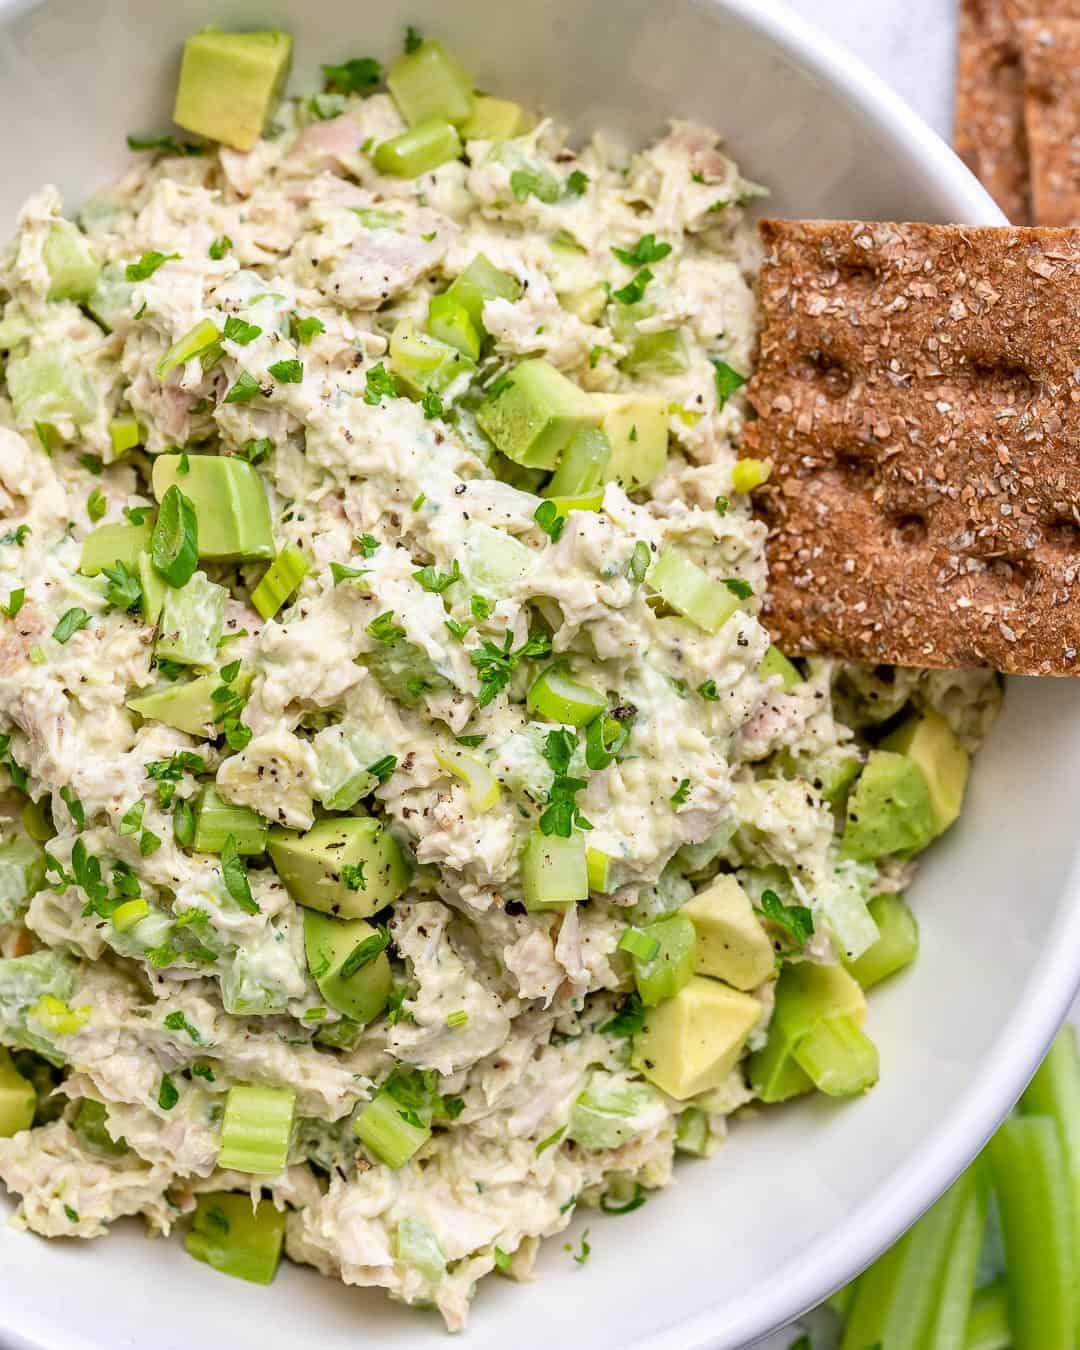 Healthy chickens Salad recipe